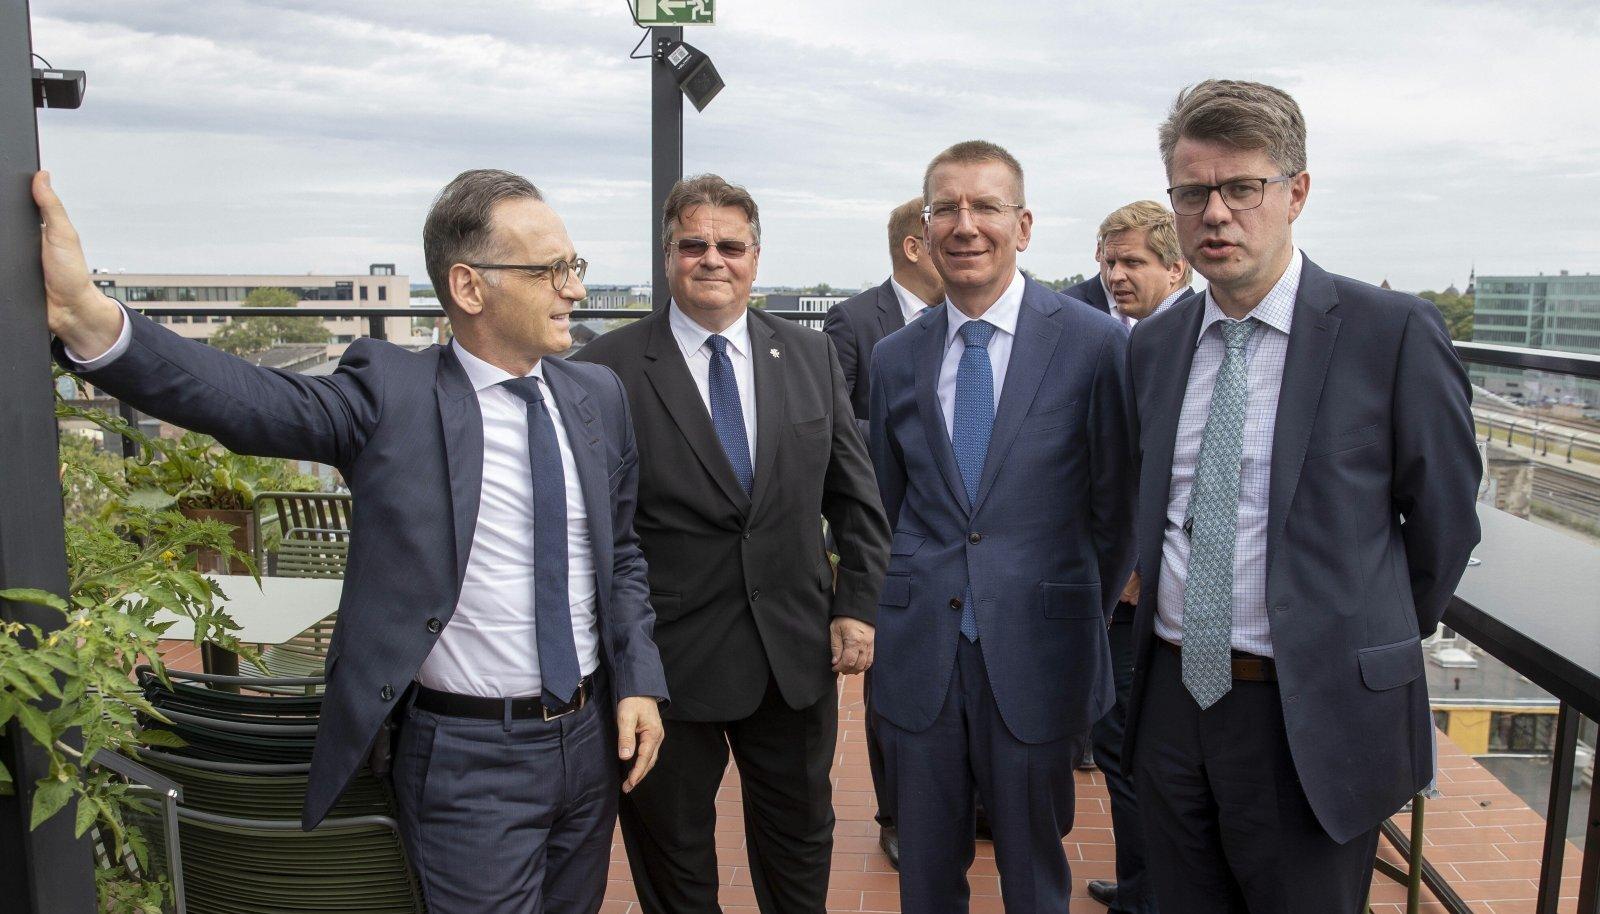 Heiko Maas, Linas Linkevičius, Edgars Rinkēvičs ja Urmas Reinsalu arutasid kohtumisel aktuaalseid välispoliitilisi küsimusi.